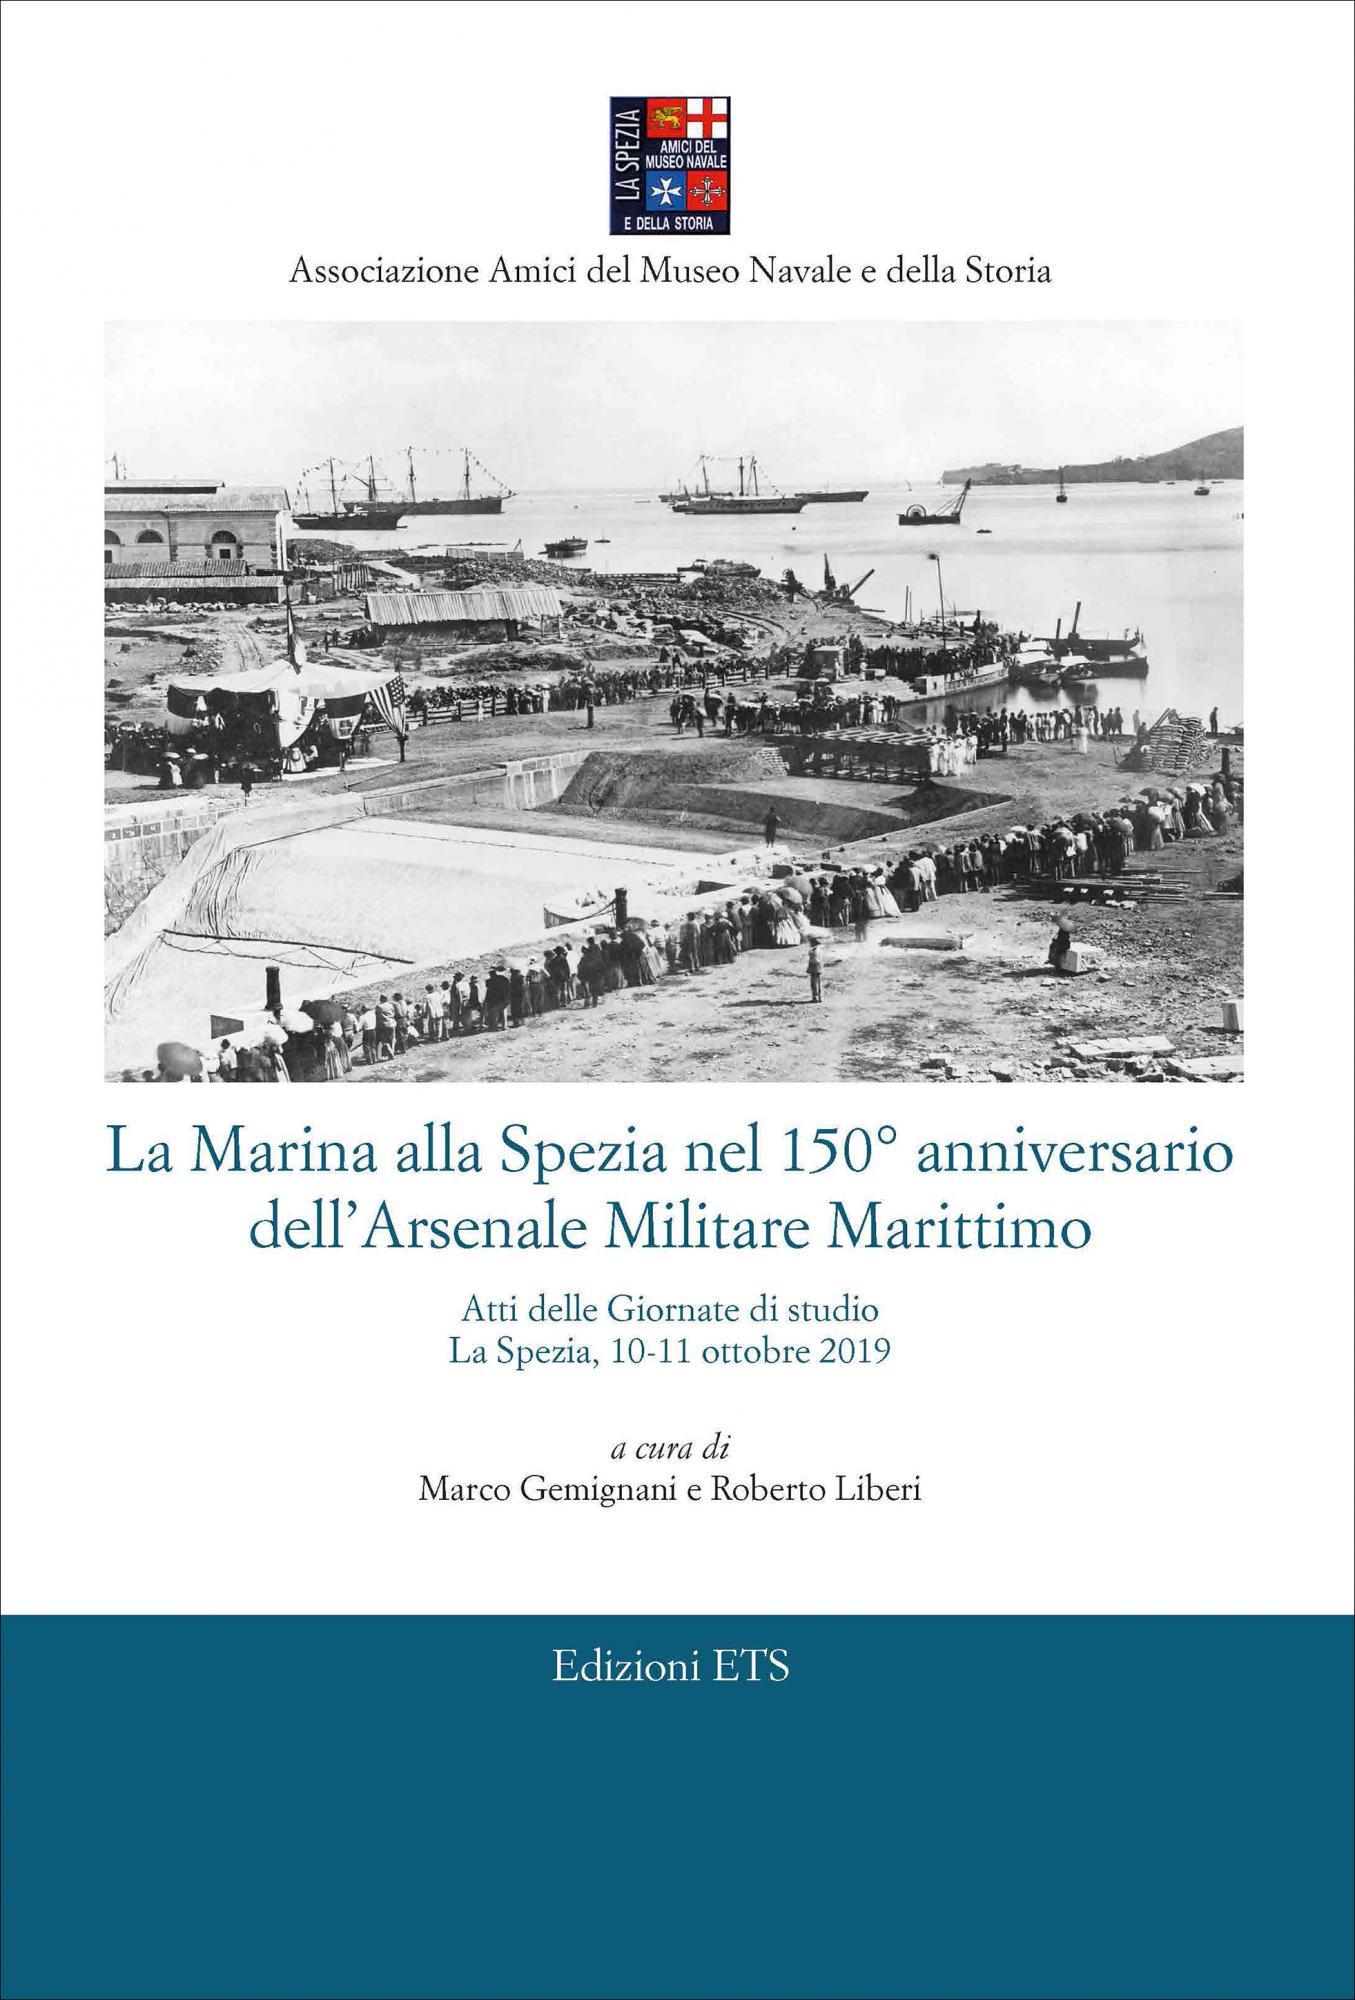 La Marina alla Spezia nel 150° anniversario dell'Arsenale Militare Marittimo.Atti delle Giornate di studio La Spezia, 10-11 ottobre 2019